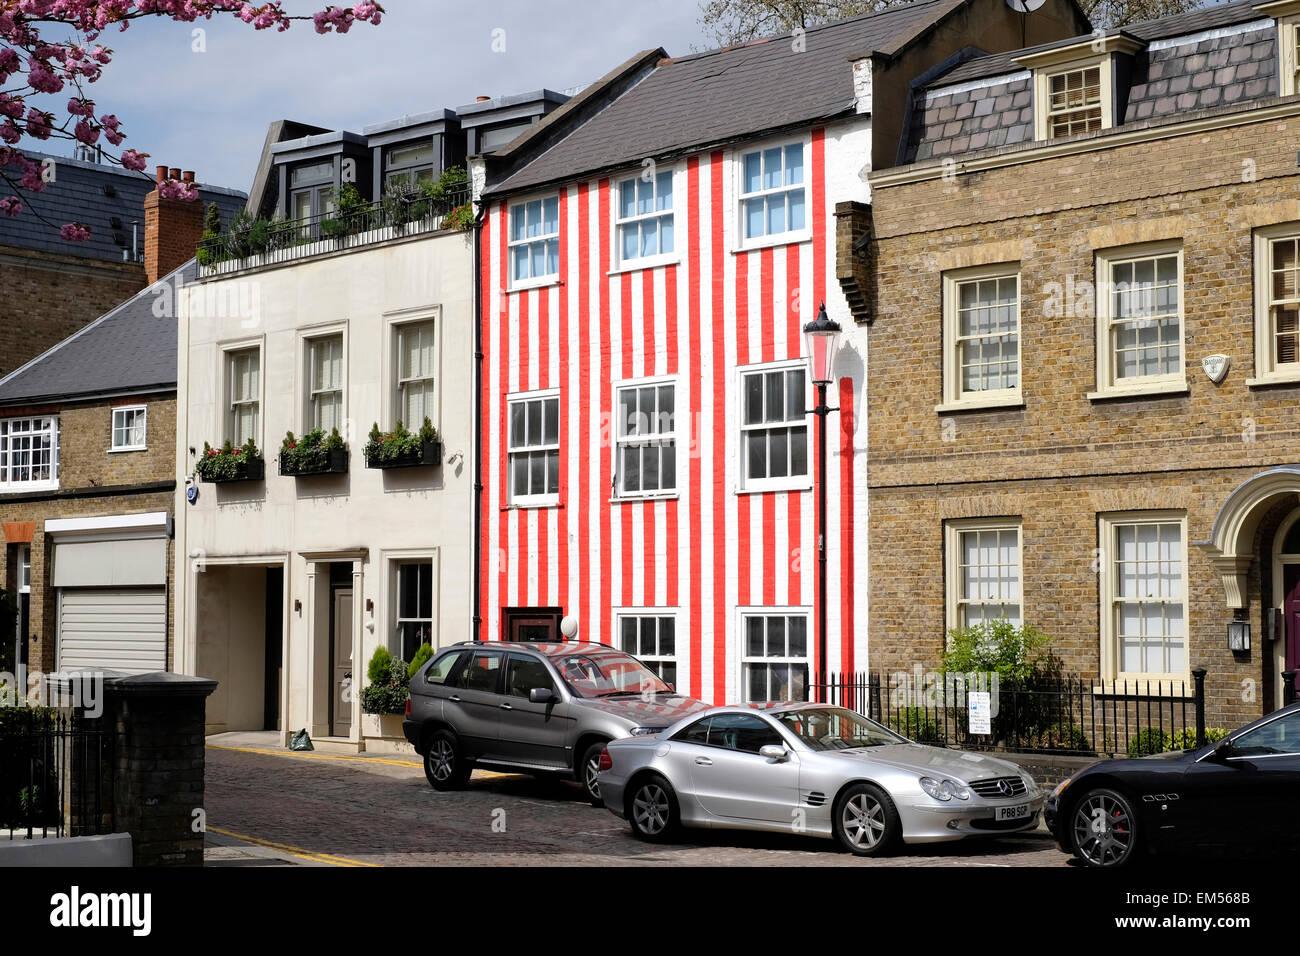 Une vue générale d'une maison peinte en rouge et blanc. Photo Stock